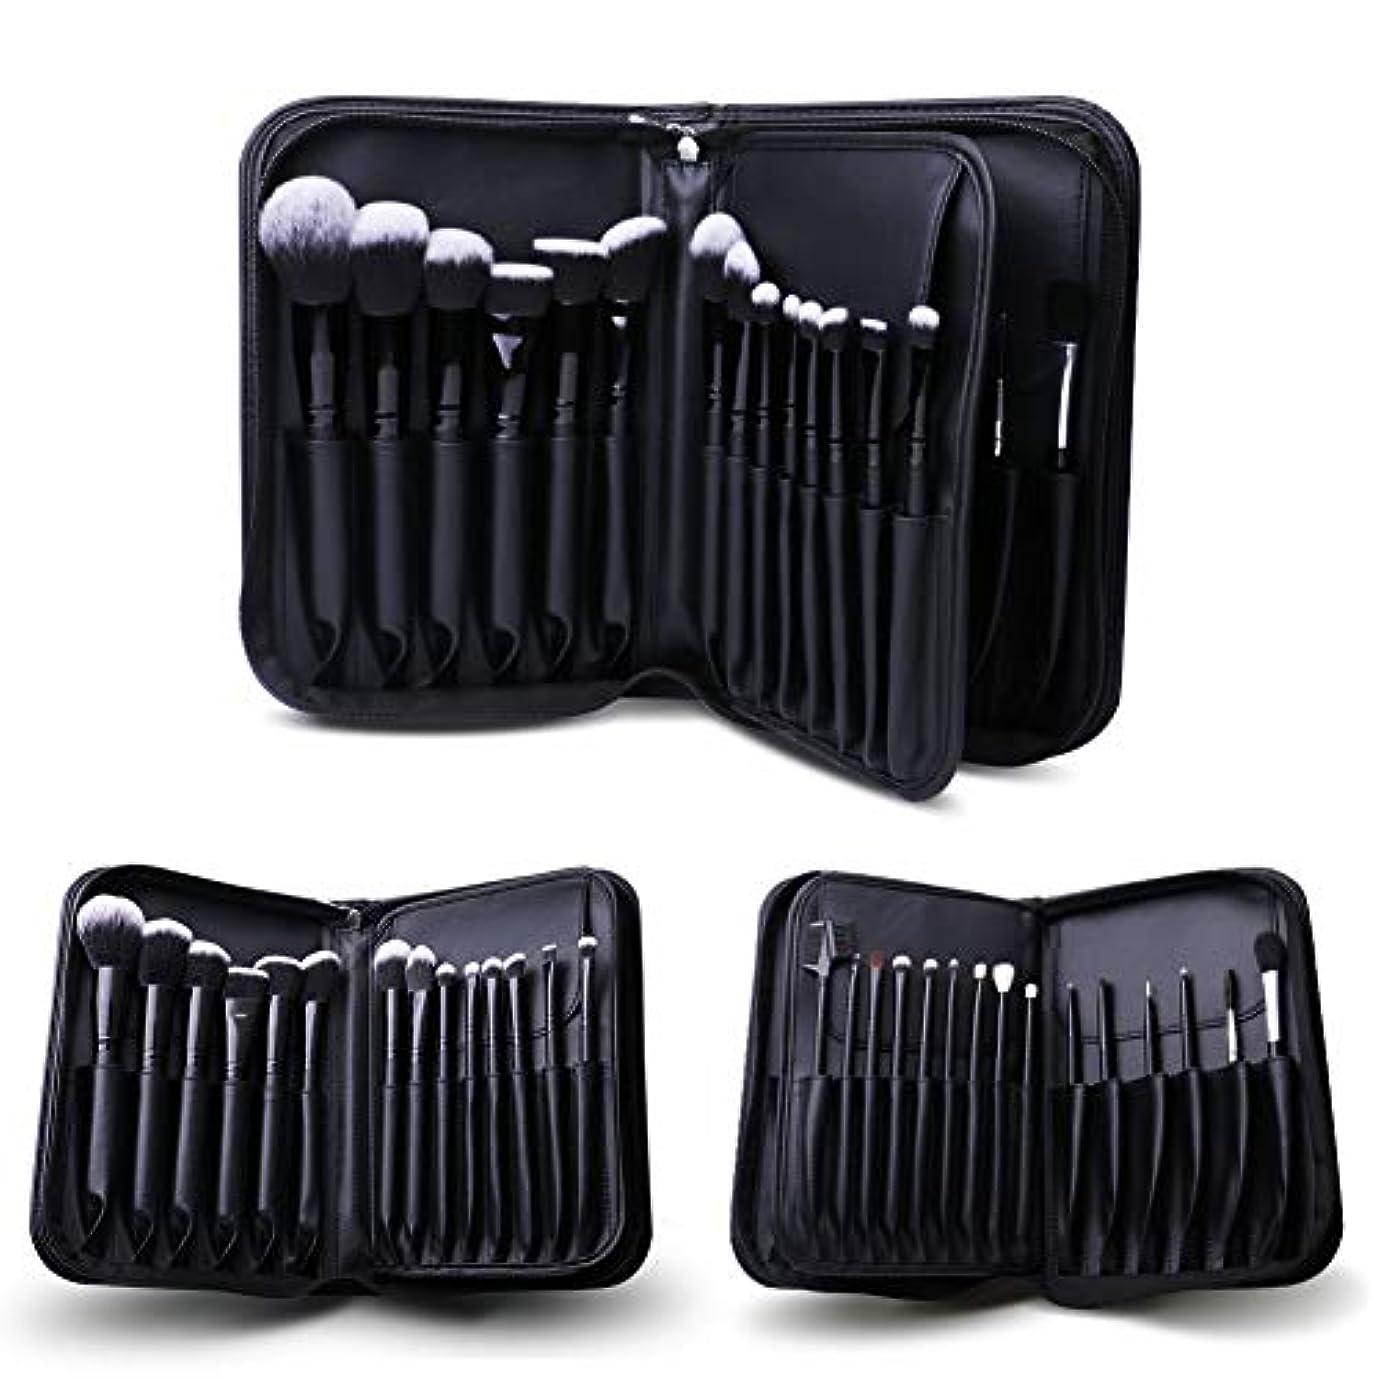 ゴールデンドラゴンタイプライターDUcare メイクブラシ収納ポーチ メイクブラシケース メイクブラシが付いてない ブラック 29本収納可能